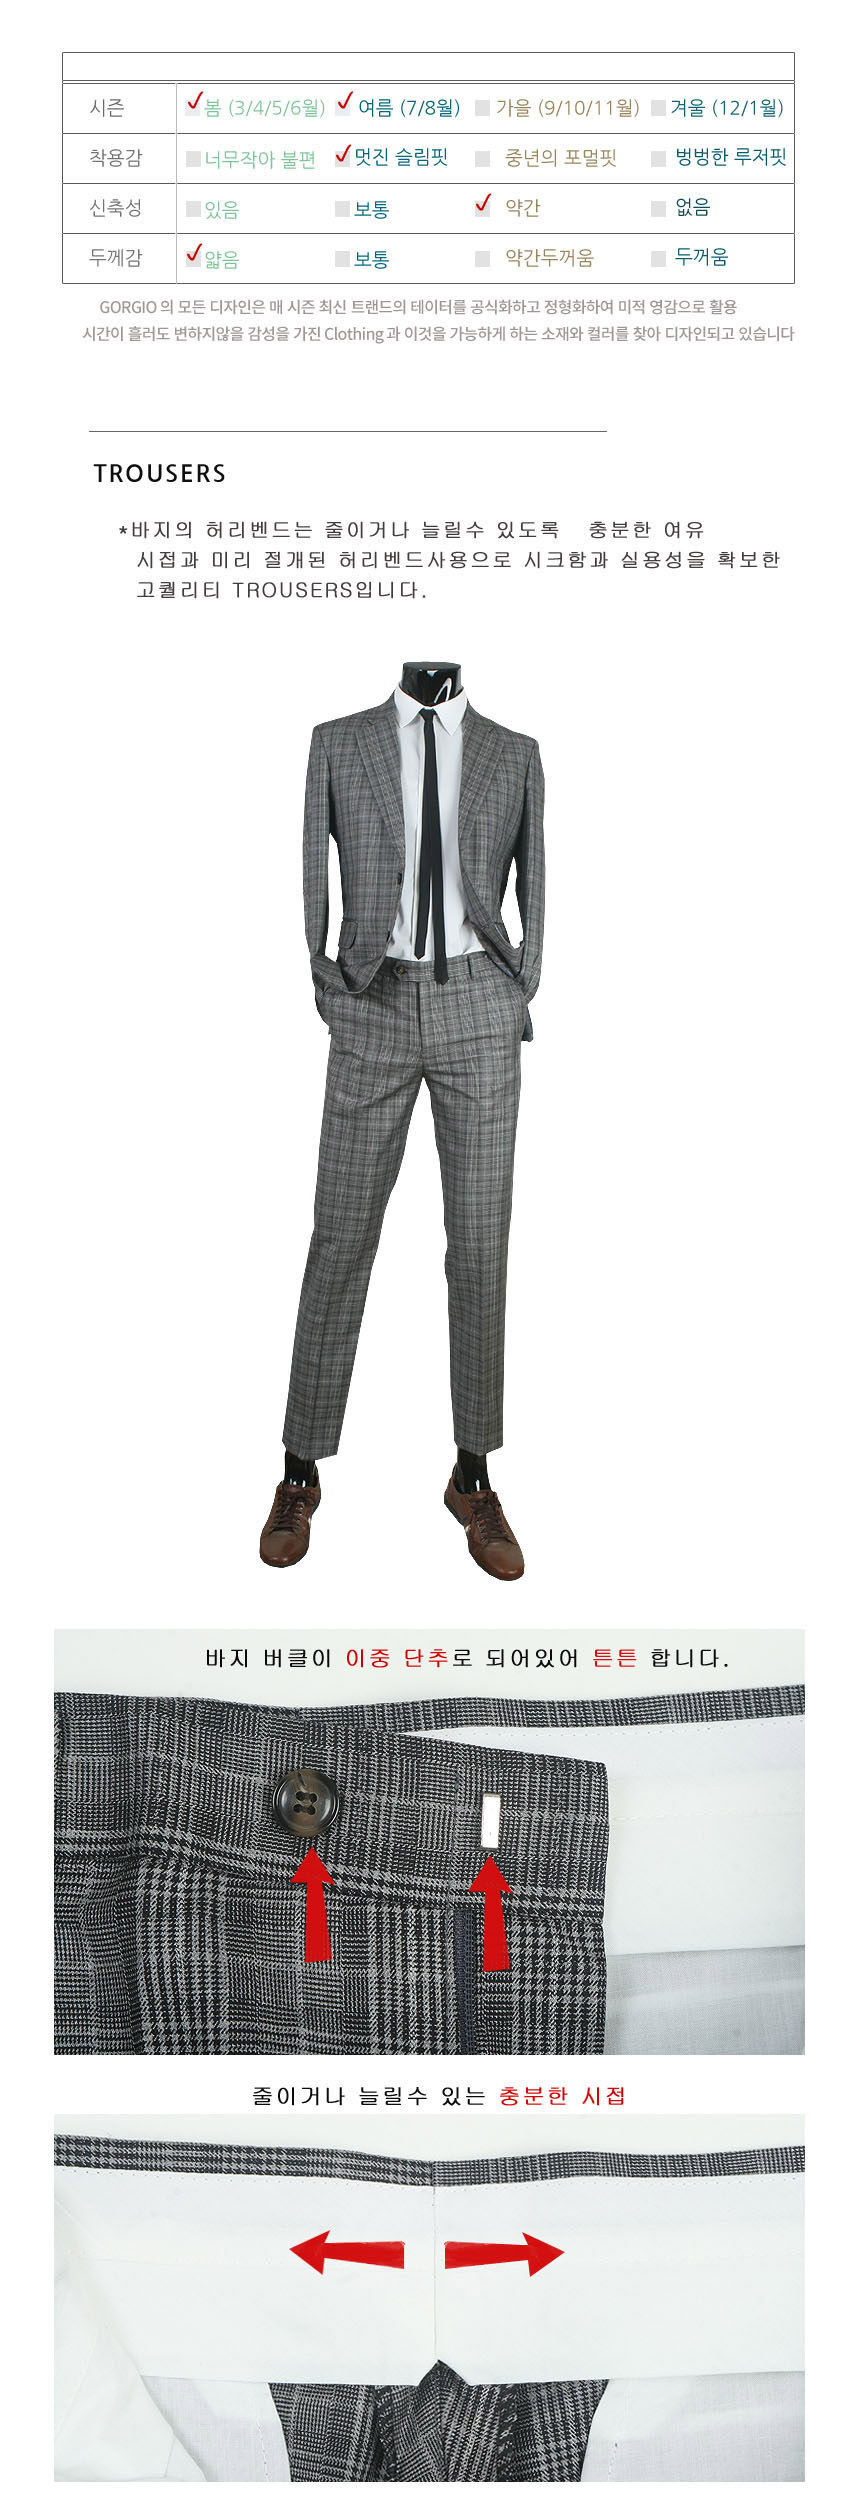 남성정장 Men's Suits 男性のス?ツ 男士西裝